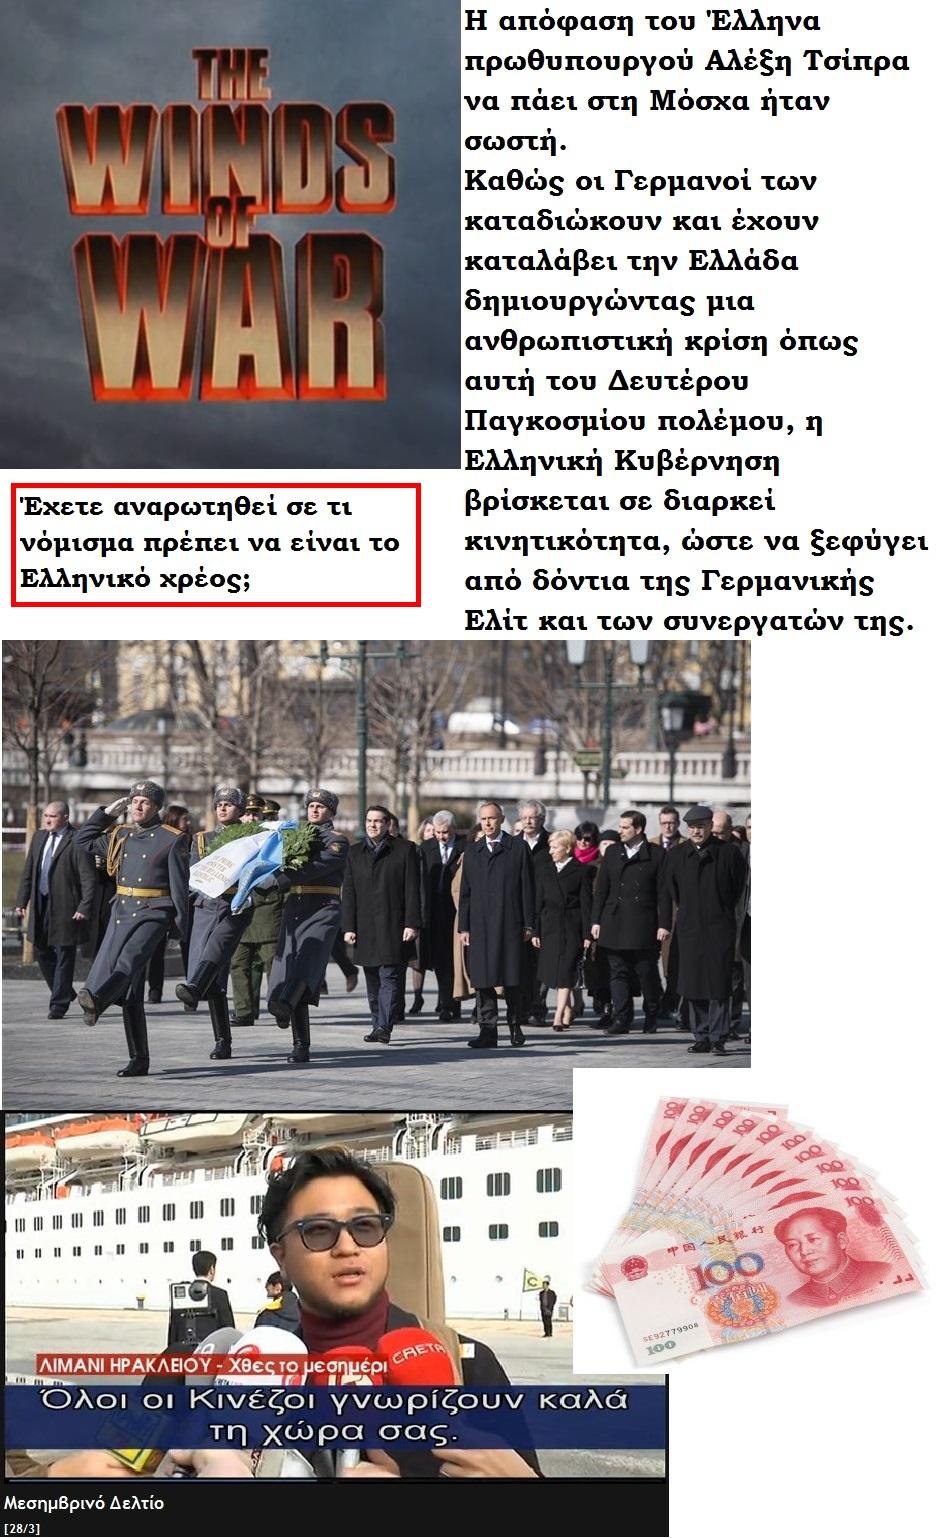 ELLADA RUSSIA TSIPRAS PUTIN MOSCOW TROIKA 06 090415